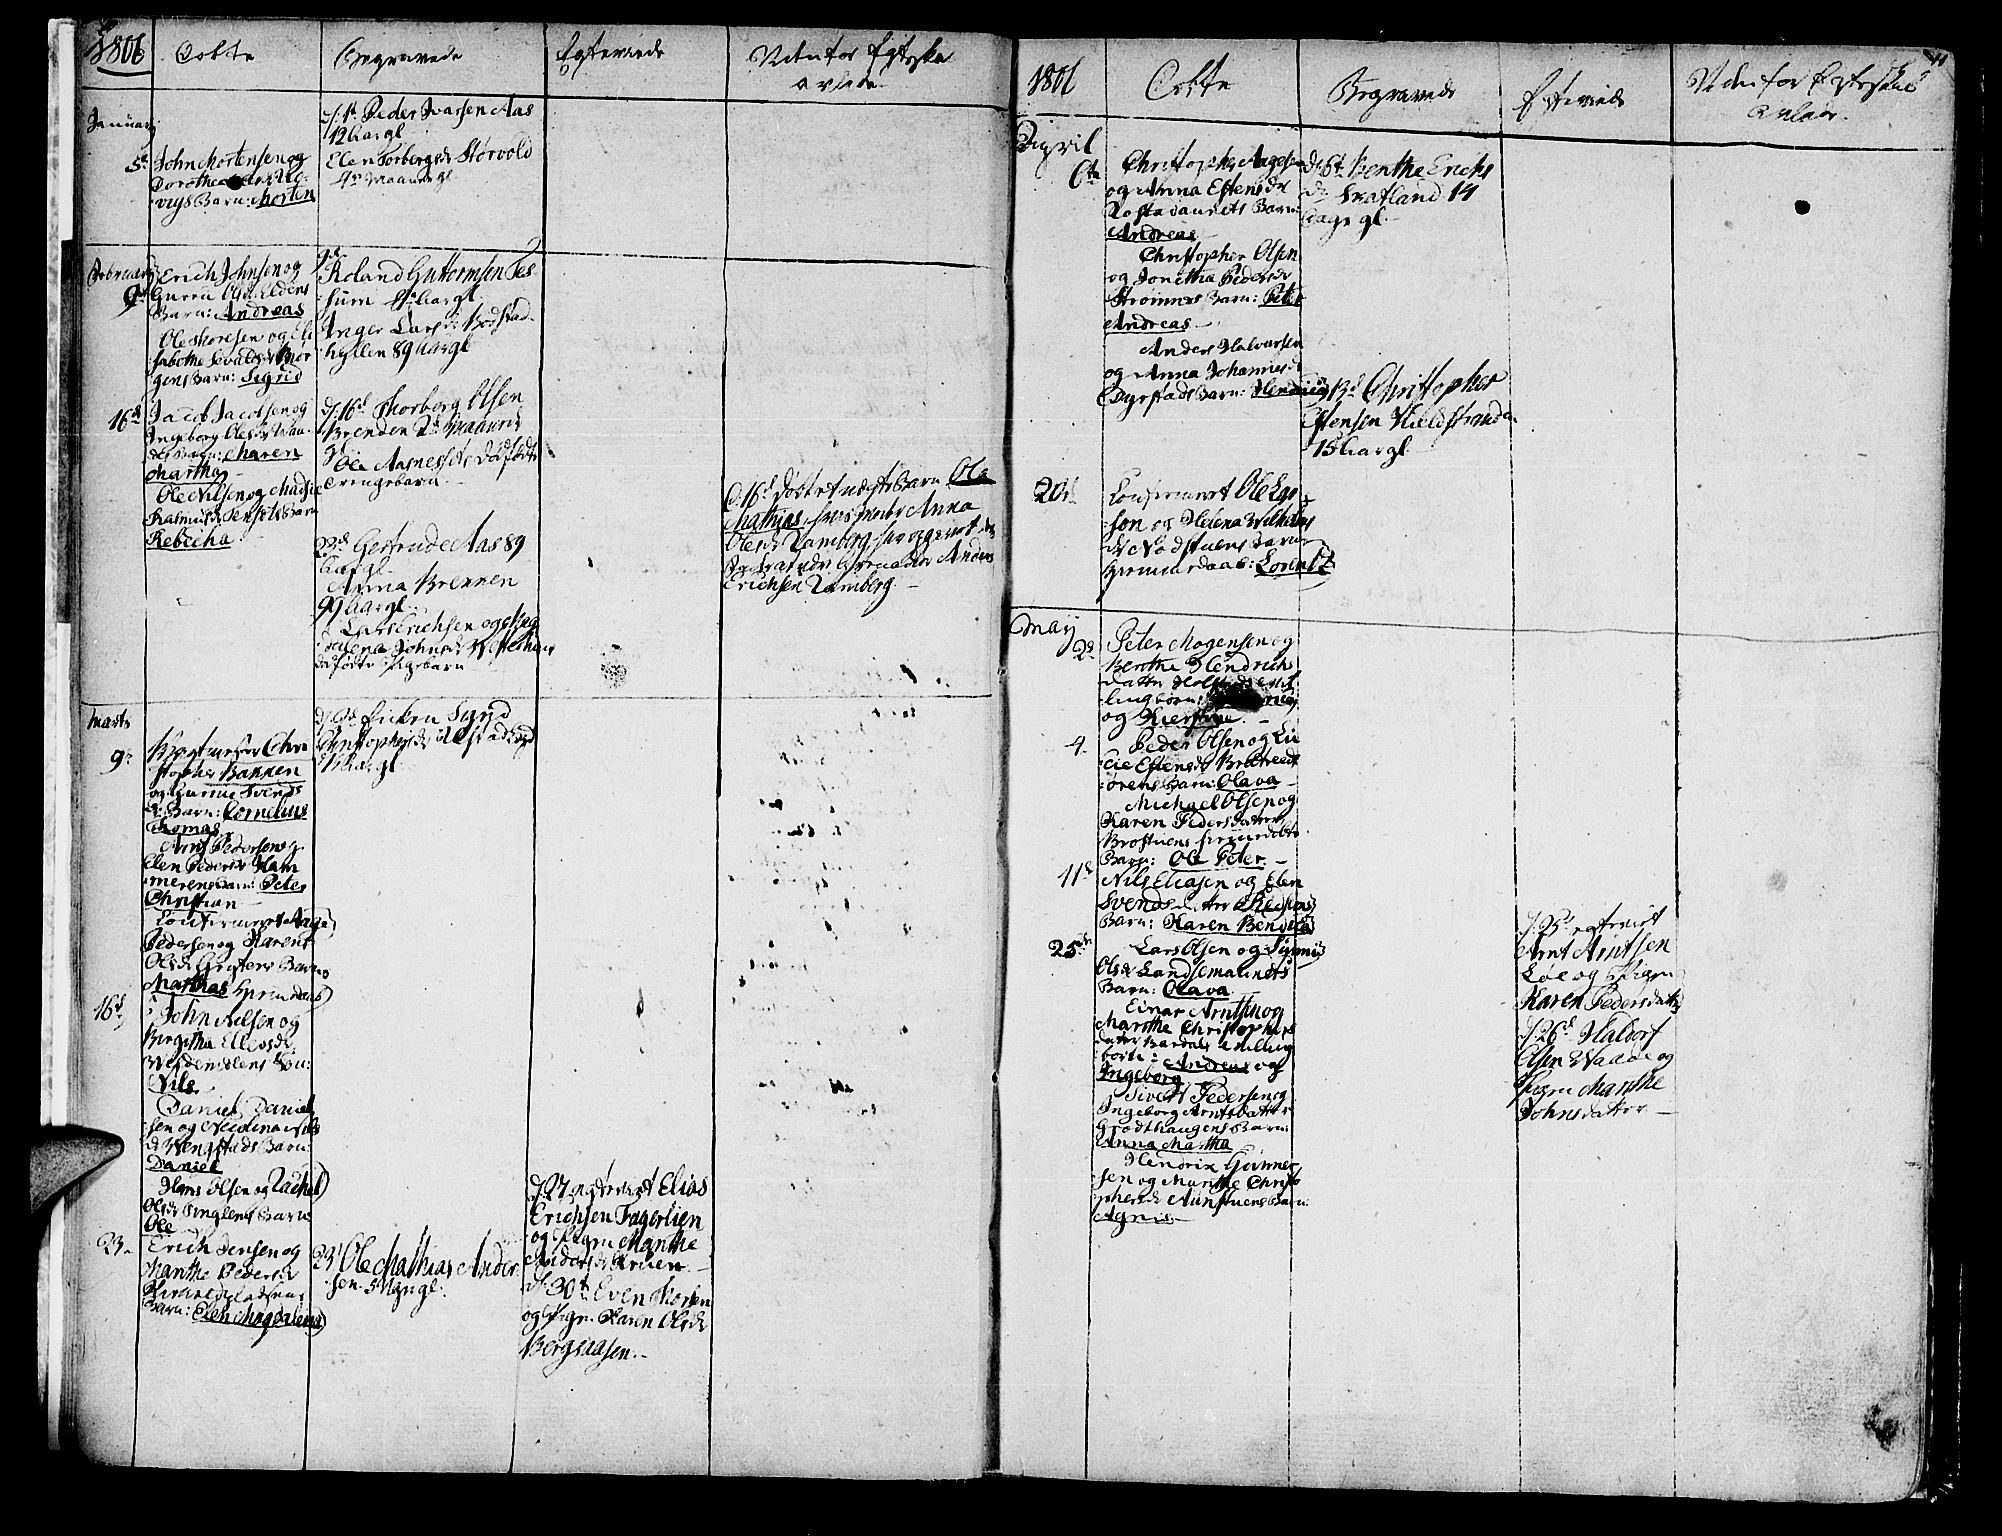 SAT, Ministerialprotokoller, klokkerbøker og fødselsregistre - Nord-Trøndelag, 741/L0386: Ministerialbok nr. 741A02, 1804-1816, s. 10-11